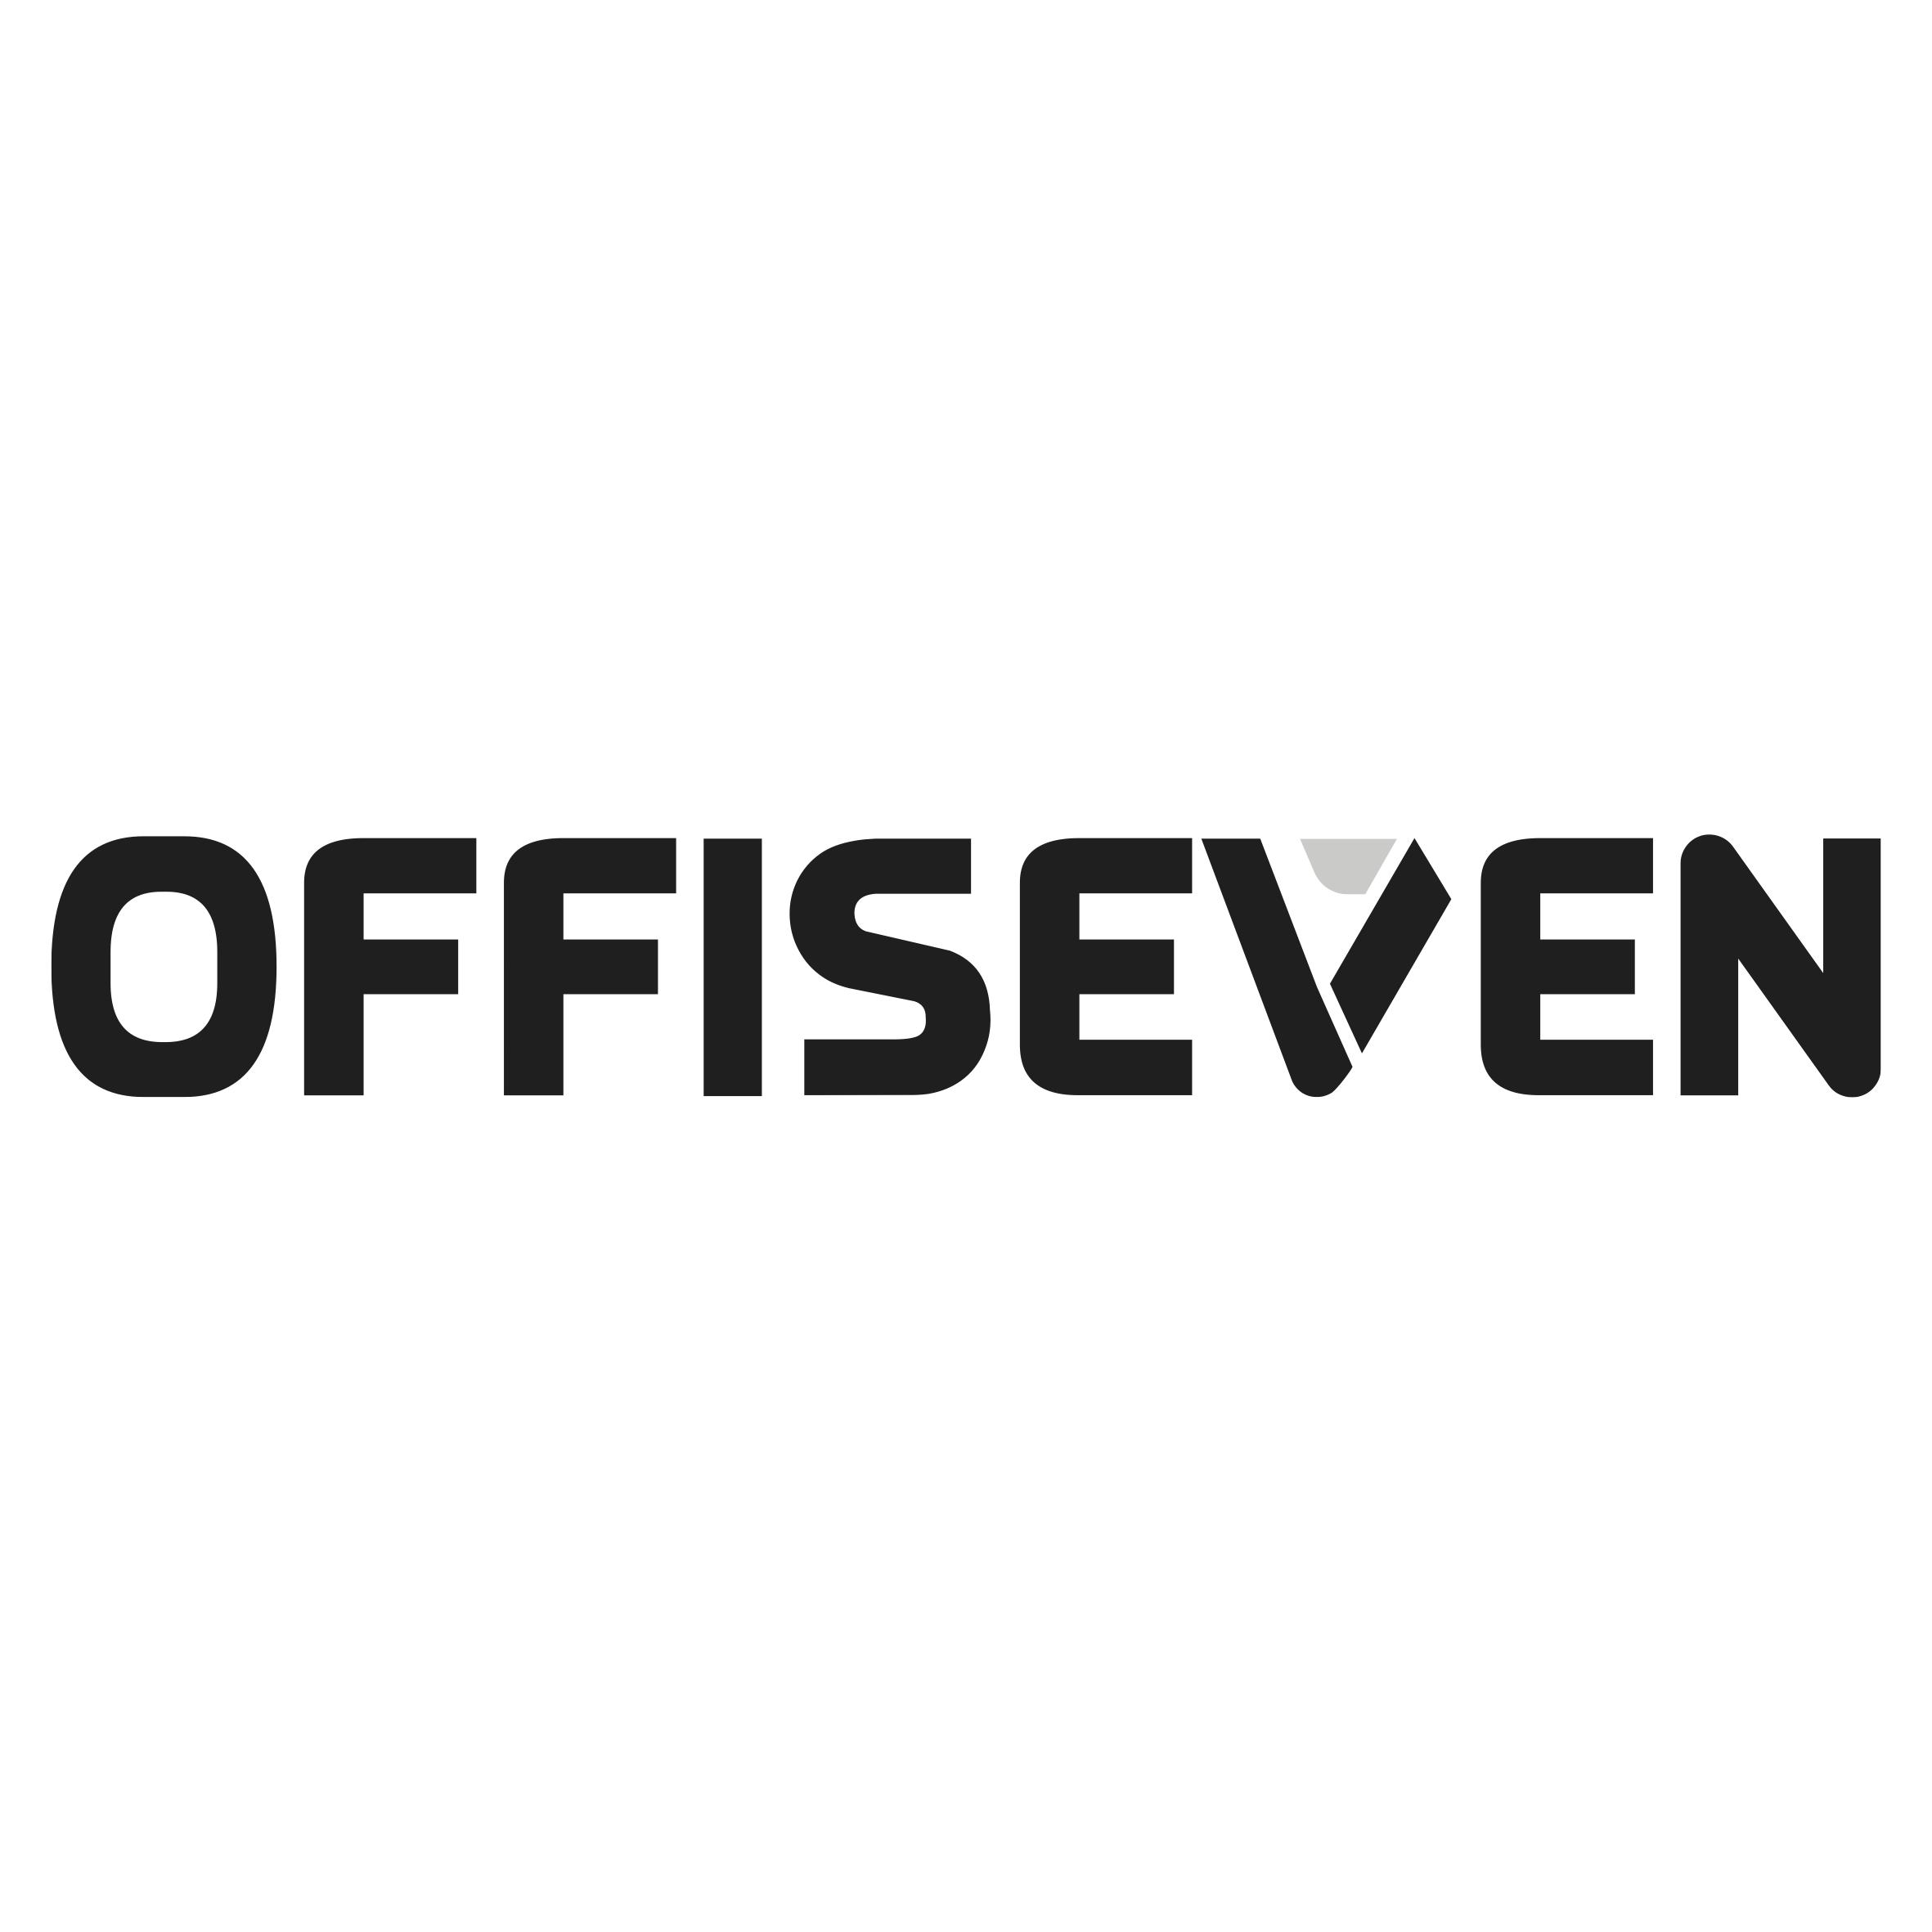 offiseven_logo